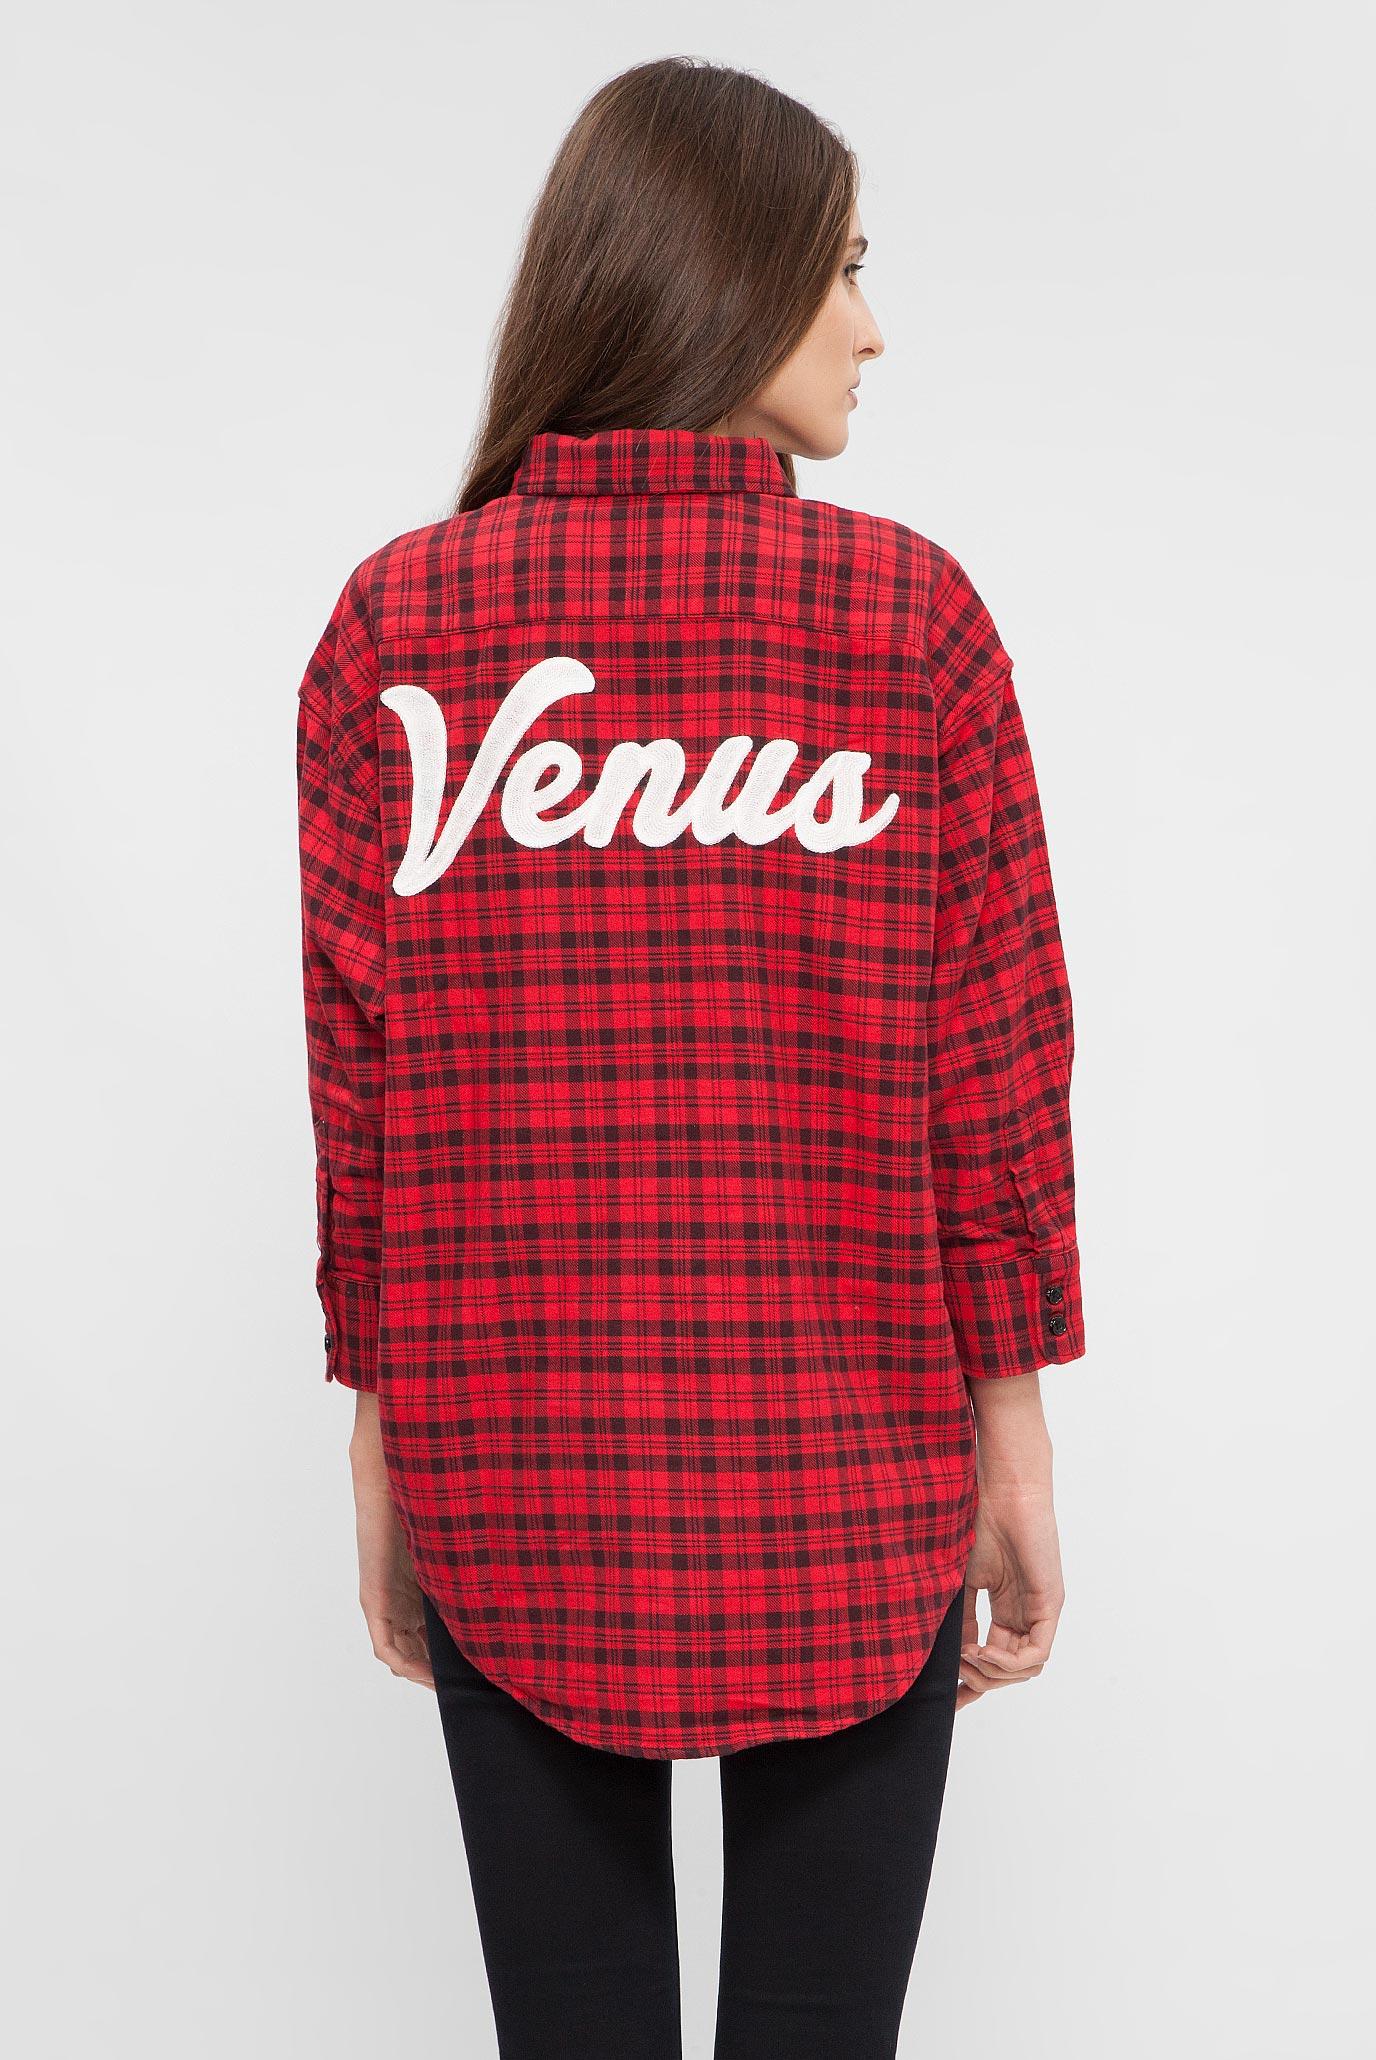 Купить Женская красная рубашка в клетку Replay Replay W2944 .000.51976 – Киев, Украина. Цены в интернет магазине MD Fashion